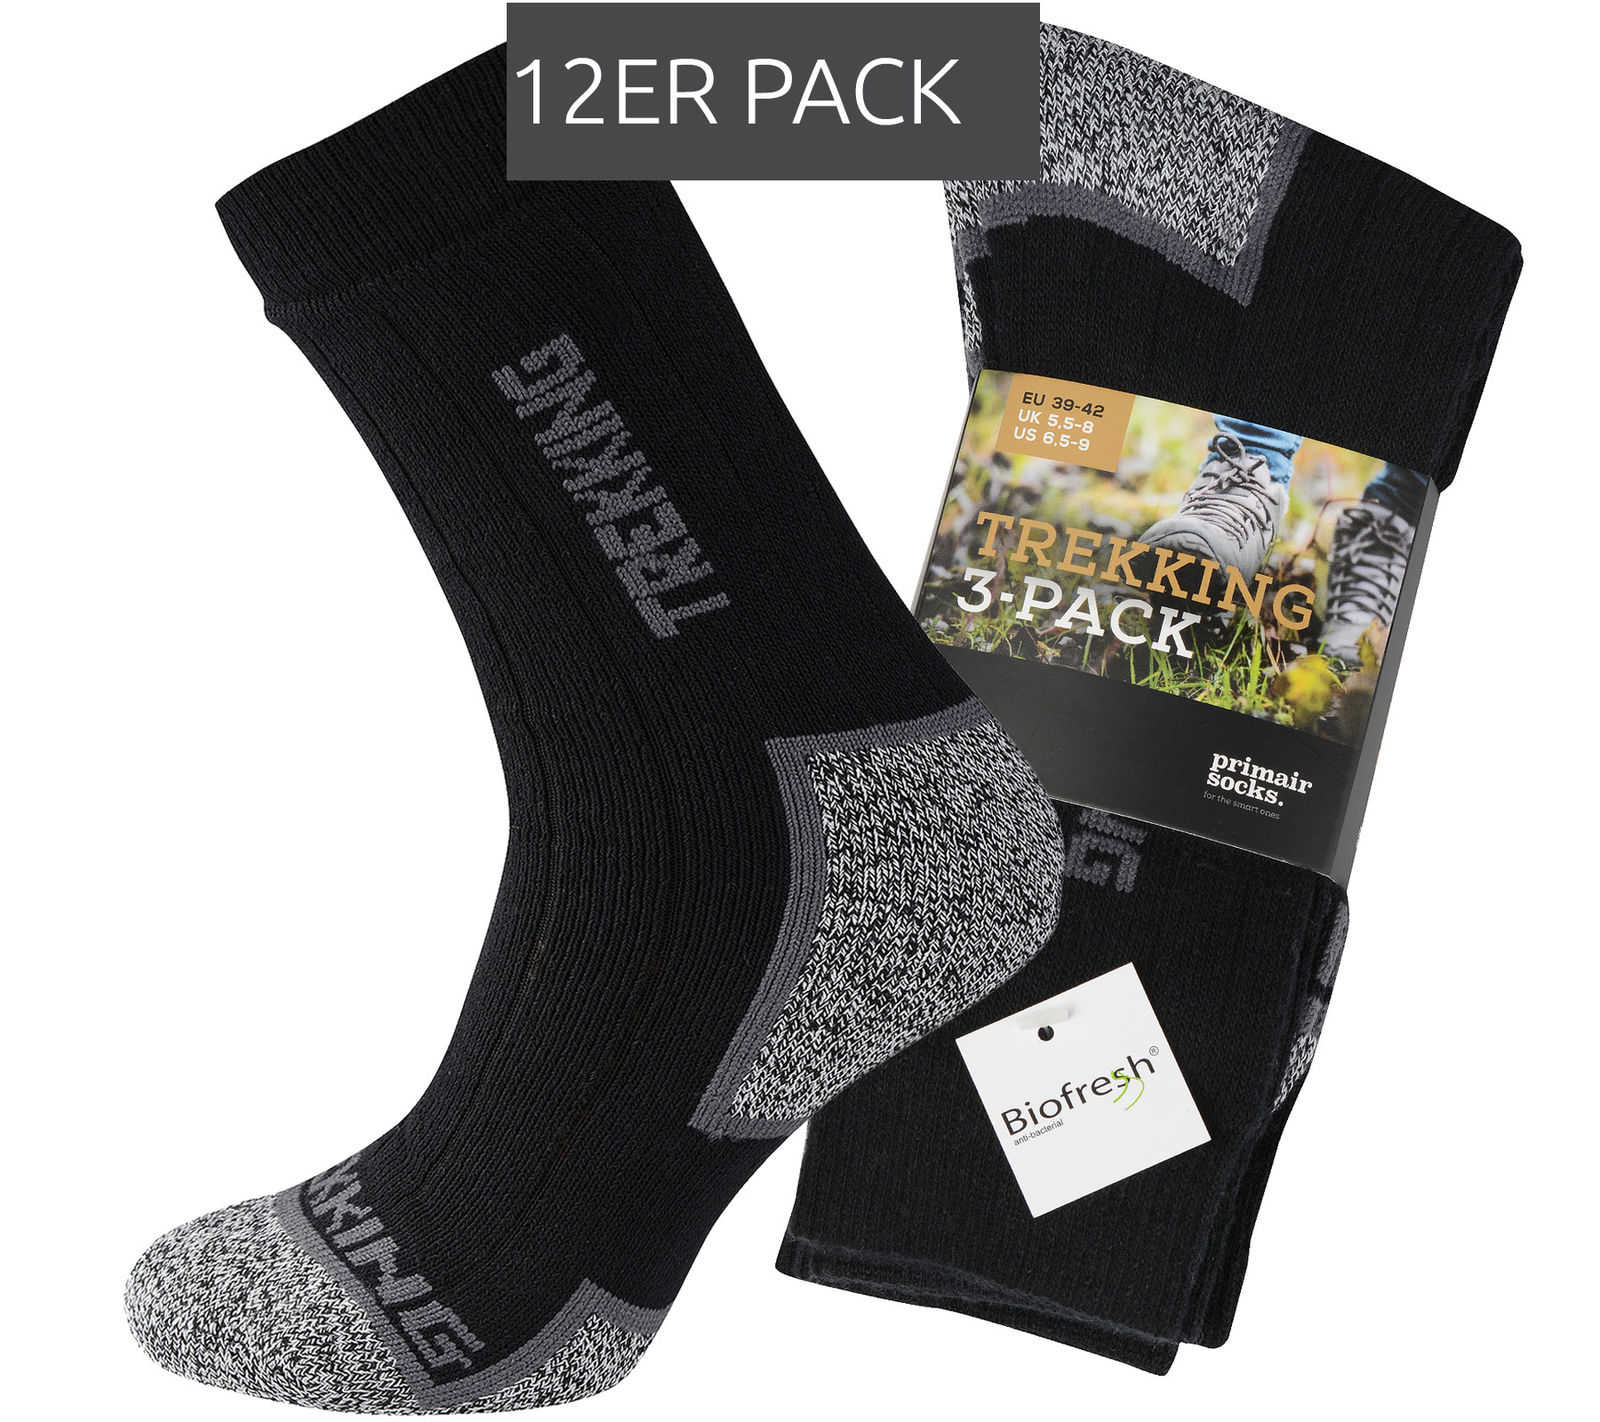 12er pack primair socks trekkingsocken fuer 1799e inkl versand statt 2299e